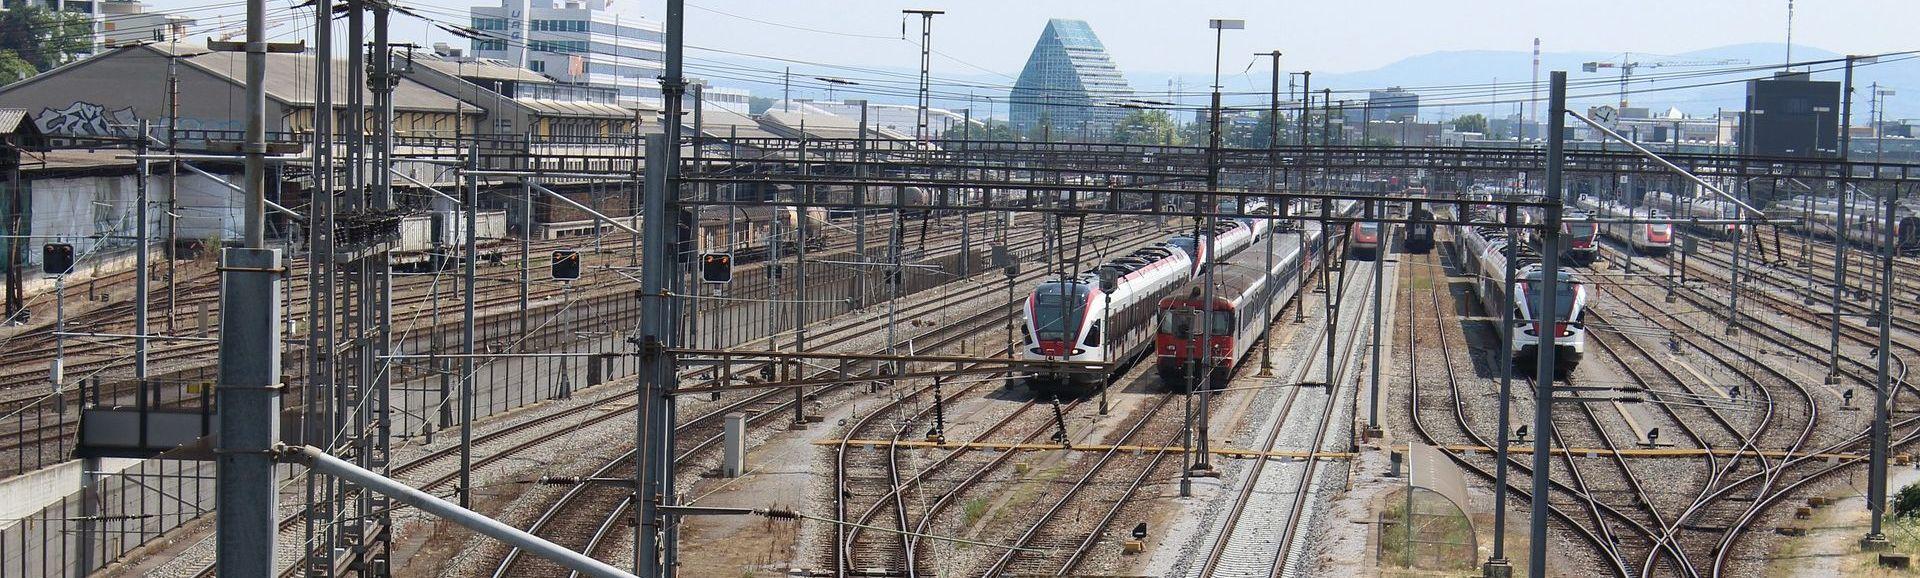 realizacja wszelkiego rodzaju prac w zakresie automatyki kolejowej